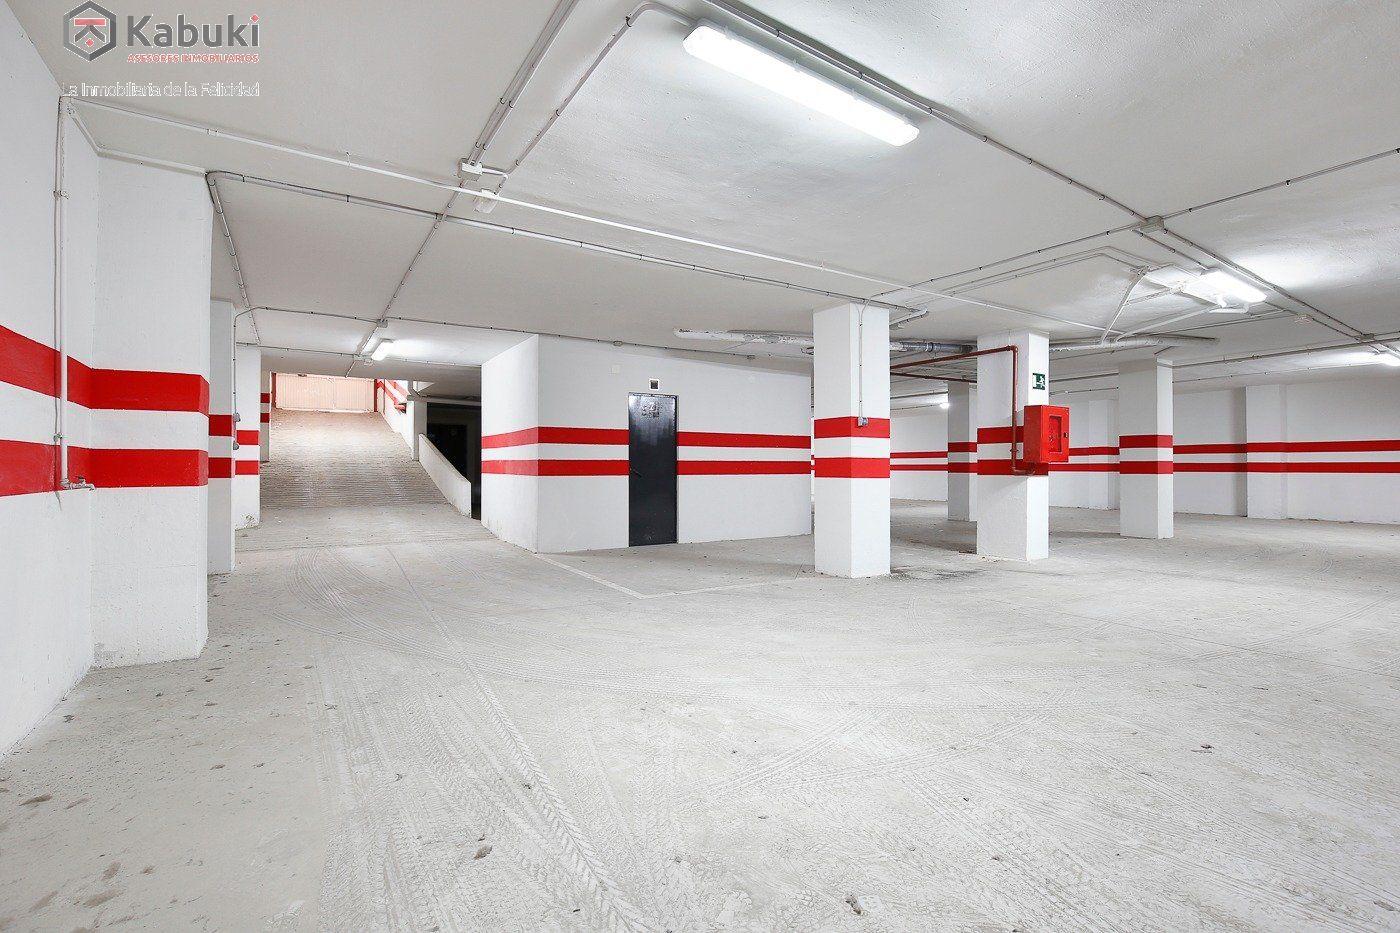 Si estas cansado de dar vueltas con el coche, tenemos fantástica plaza de garaje con trast - imagenInmueble6